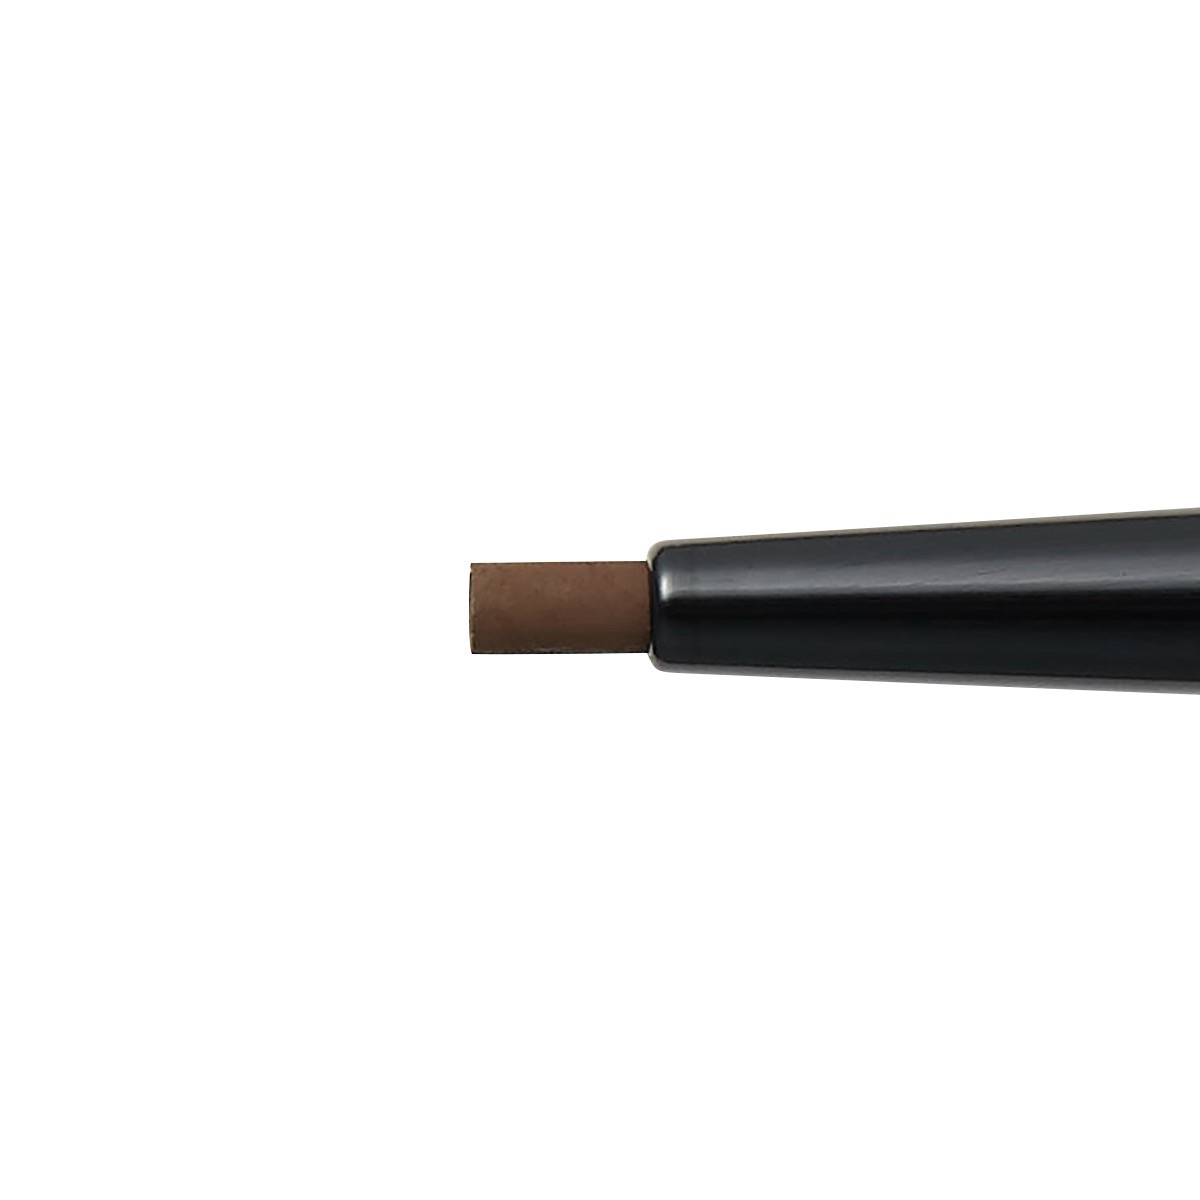 KATE(ケイト)『レアフィットジェルペンシル BR-1 ブラウン』の使用感をレポに関する画像10